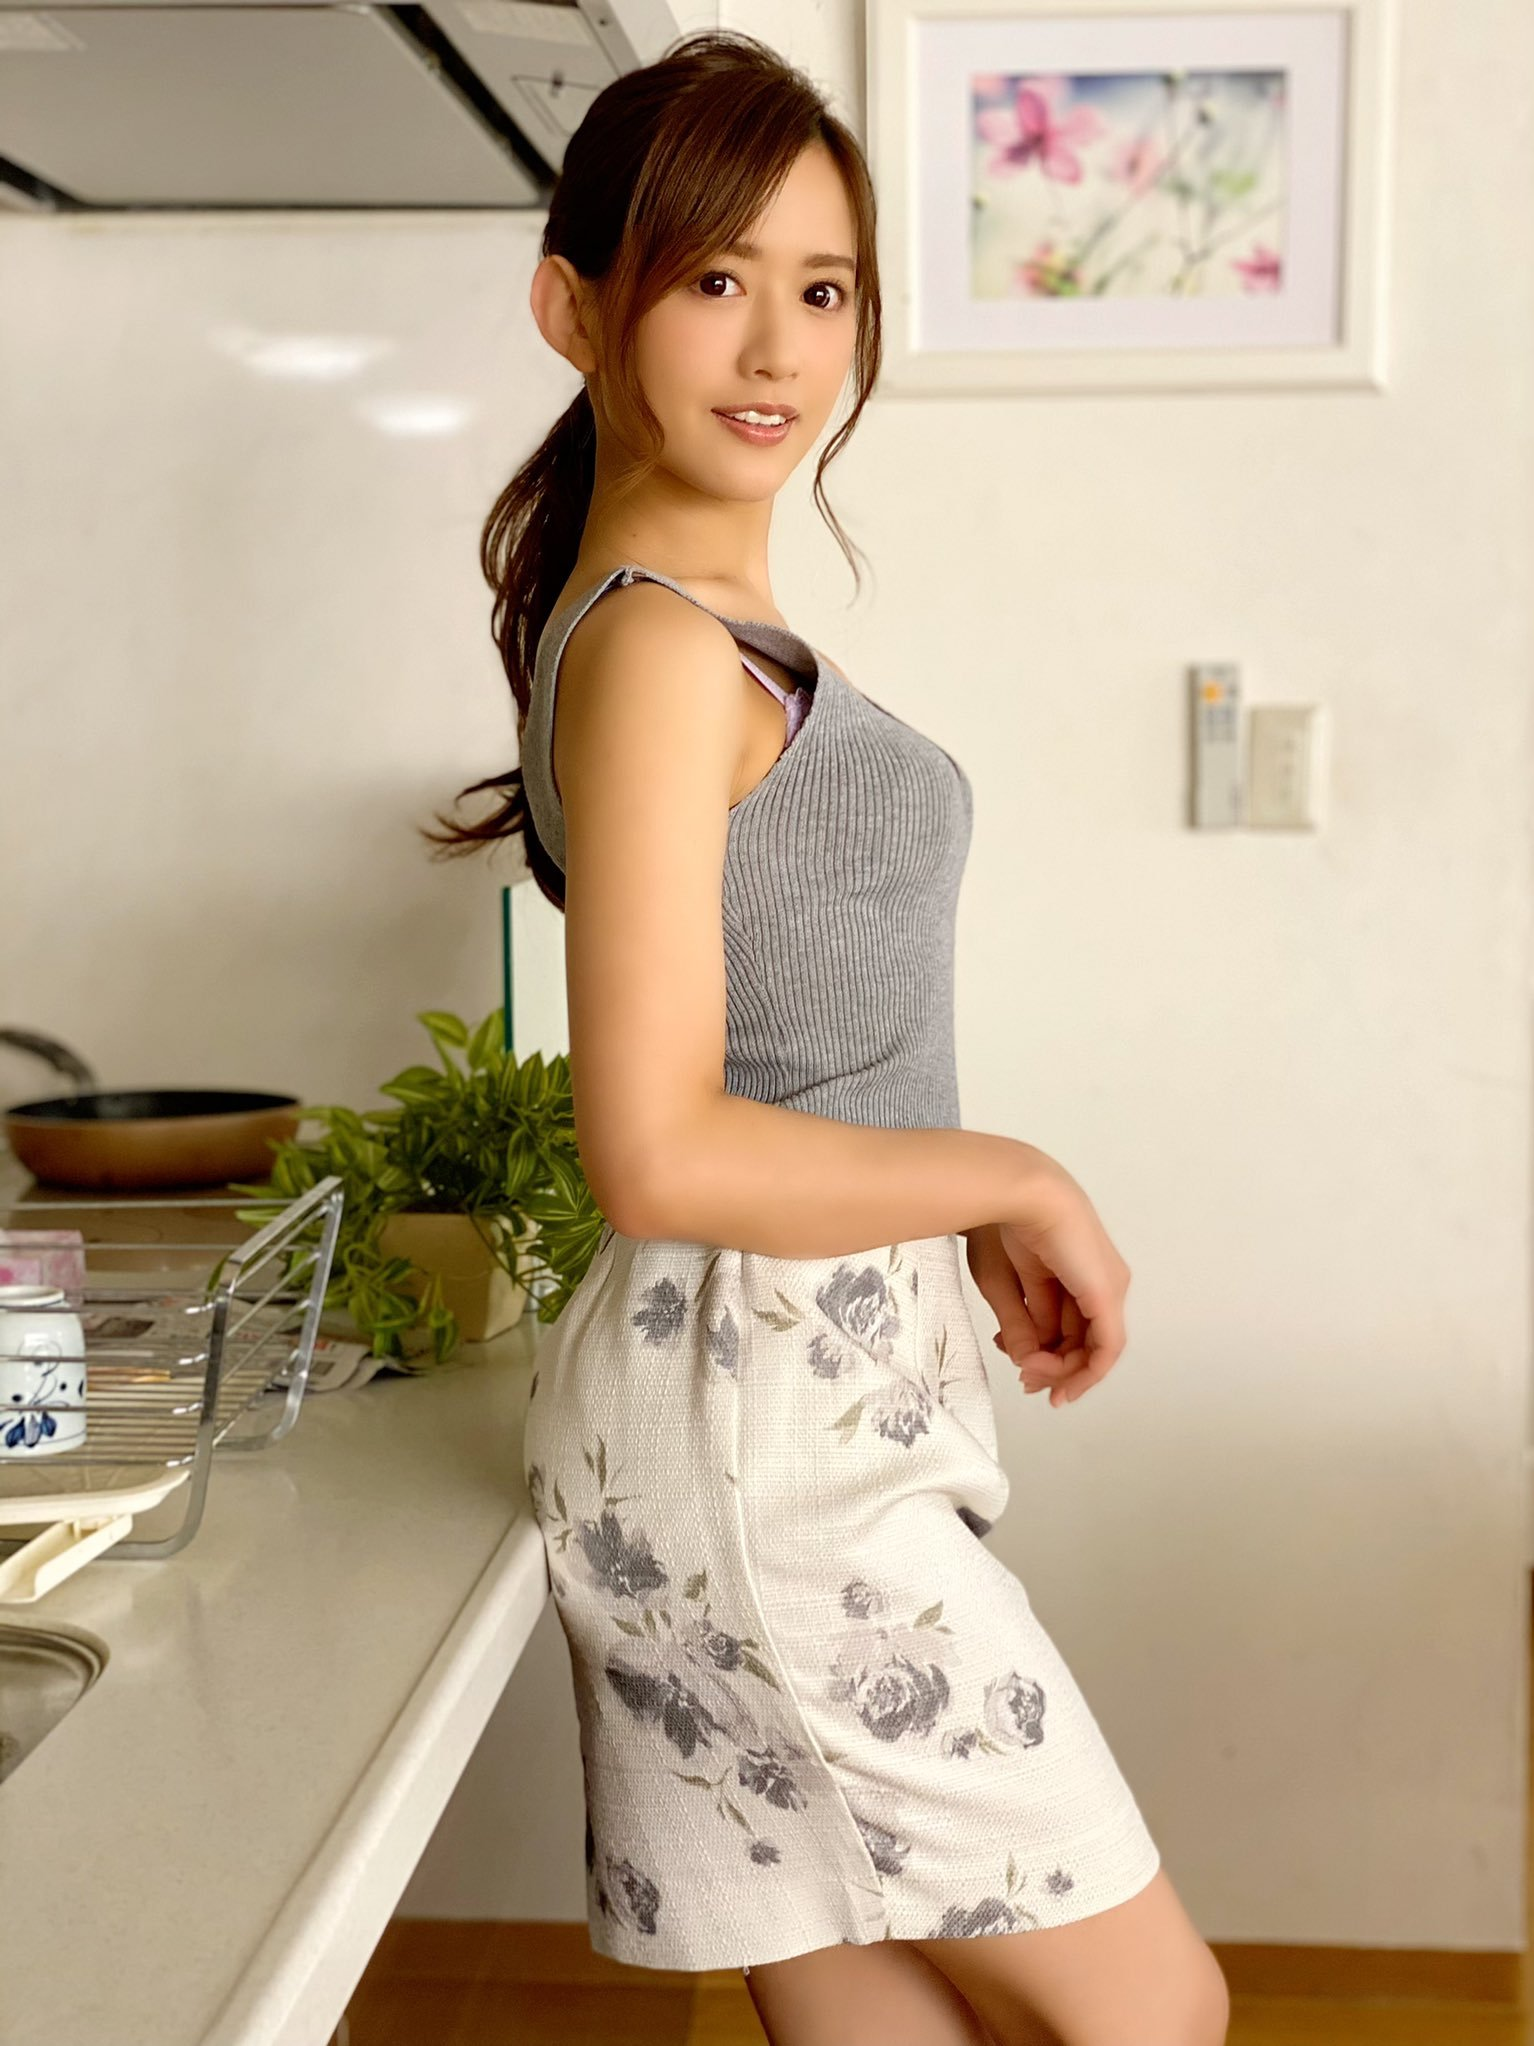 airi_kijima 1238469490402193409_p1